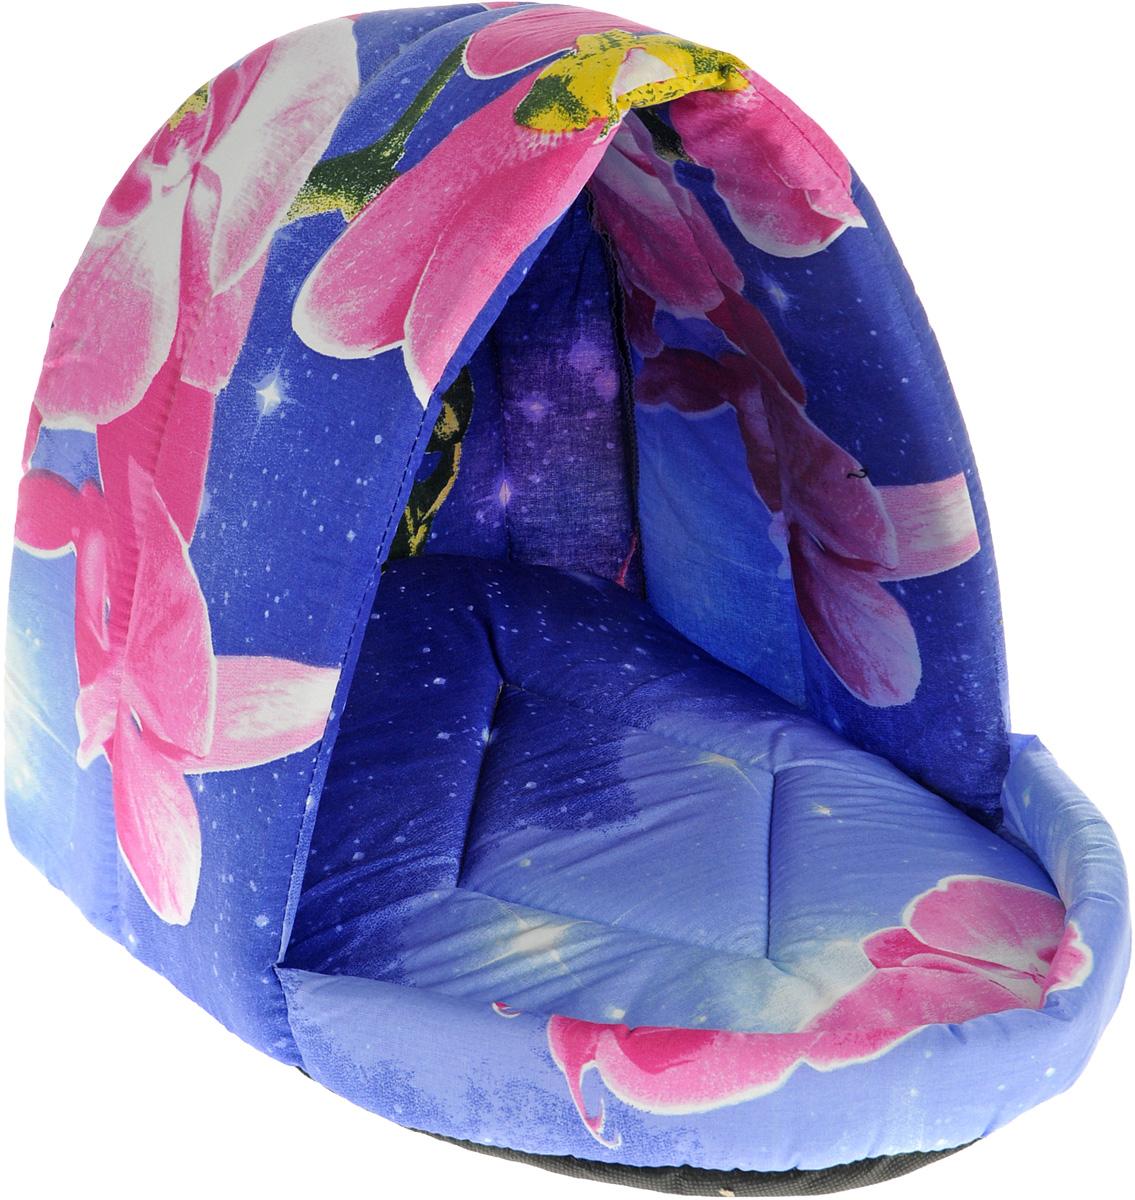 Лежак для животных Elite Valley Люлька, цвет: синий, розовый, 44 х 35 х 35 см. Л-11/30120710Лежак Elite Valley Люлька непременно станет любимым местом отдыха вашего домашнего животного. Изделие выполнено из бязи и нетканого материала, а наполнитель - из поролона. Такой материал не теряет своей формы долгое время. Внутри имеется мягкая съемная подстилка.На таком лежаке вашему любимцу будет мягко и тепло. Он подарит вашему питомцу ощущение уюта и уединенности, а также возможность спрятаться.